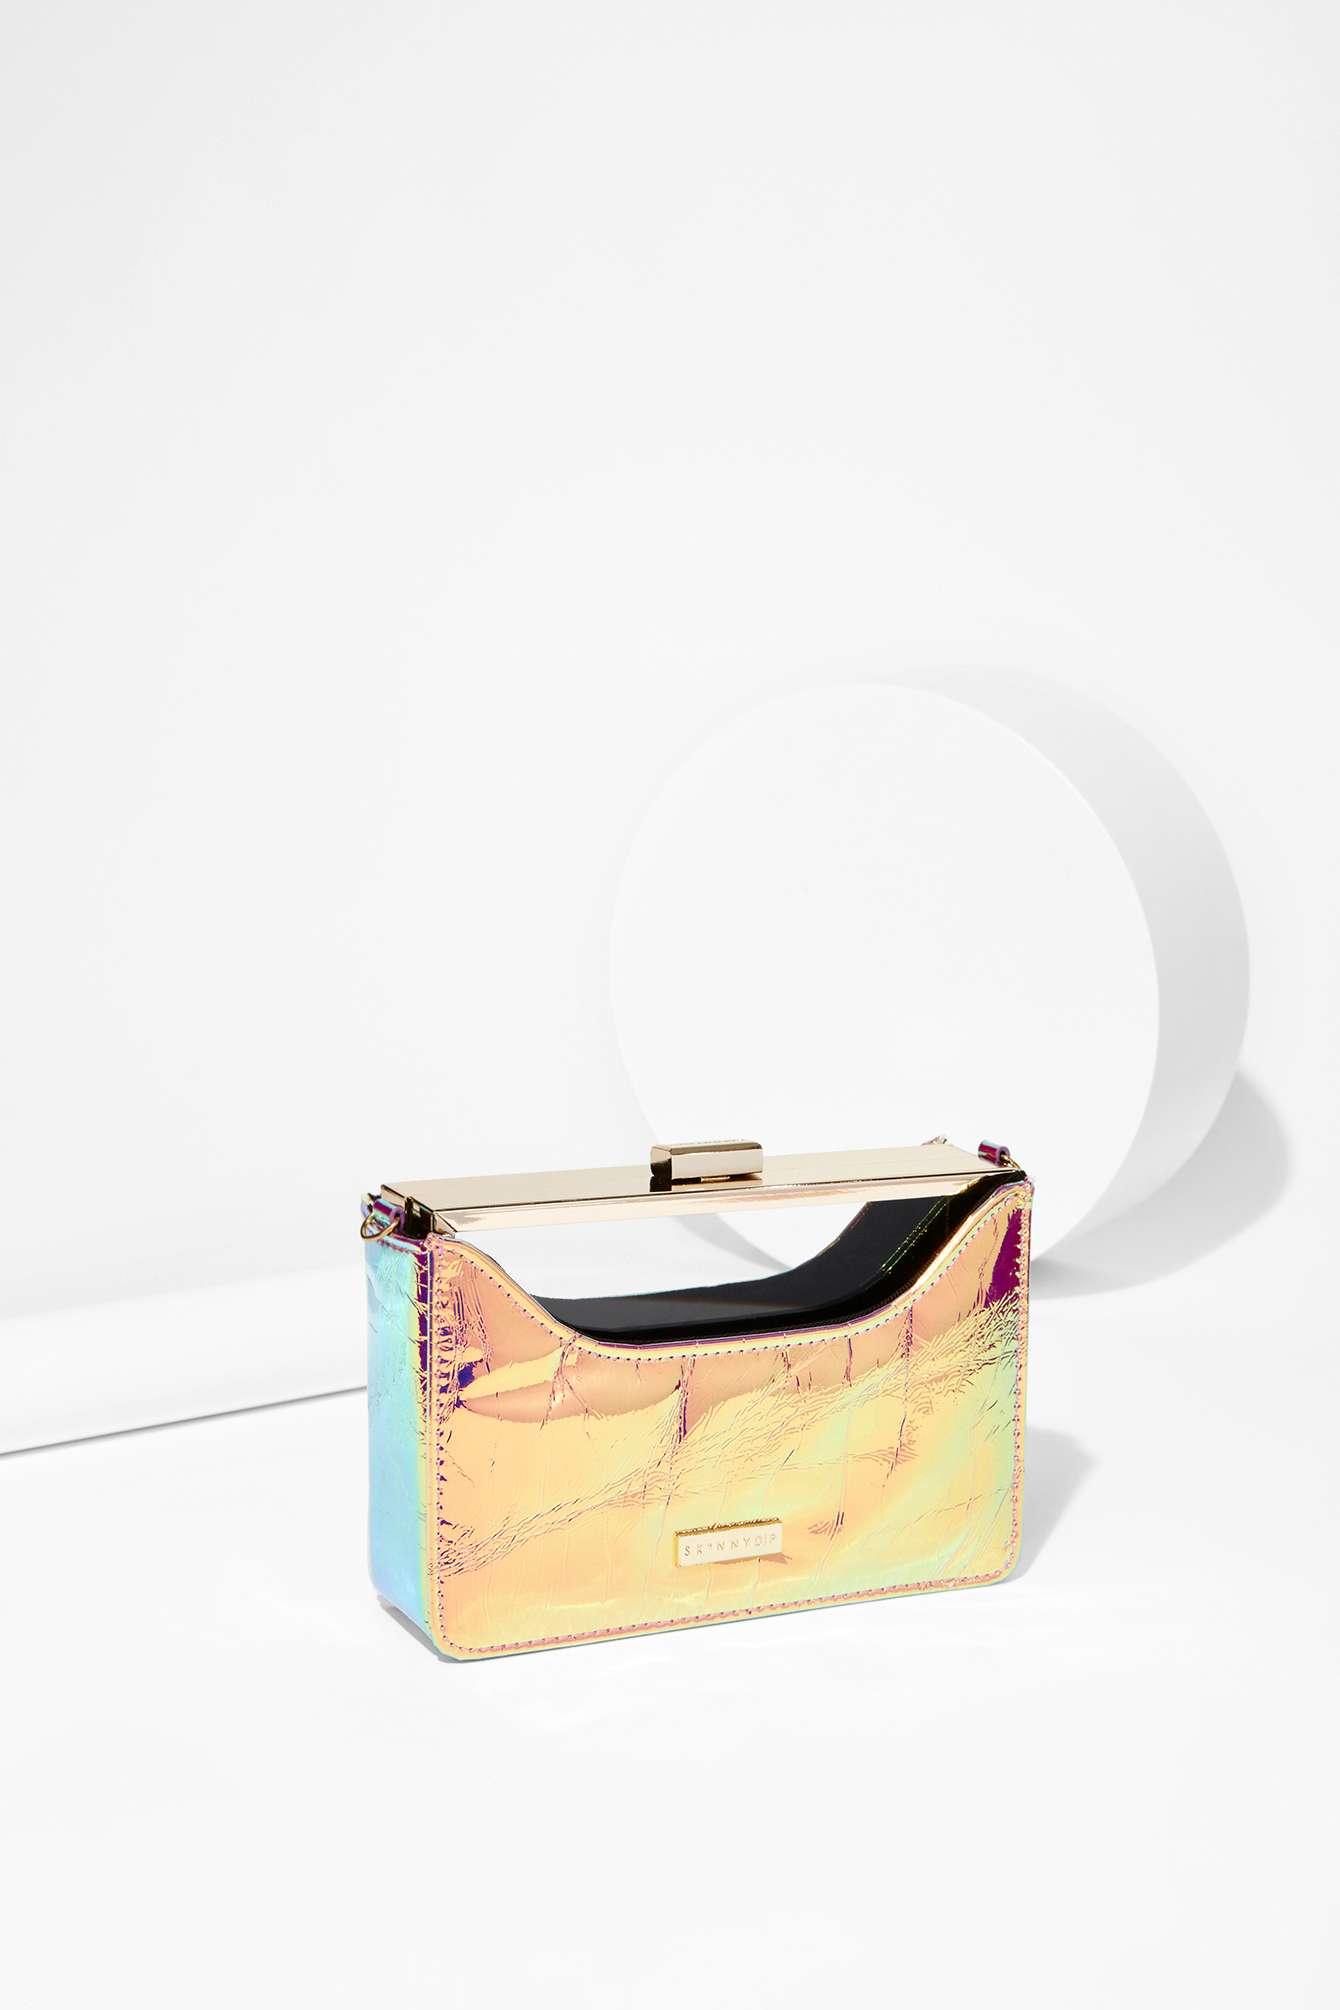 fbd7b86adf51 Lyst - Nasty Gal Skinnydip London In The Clear Hologram Crossbody Bag